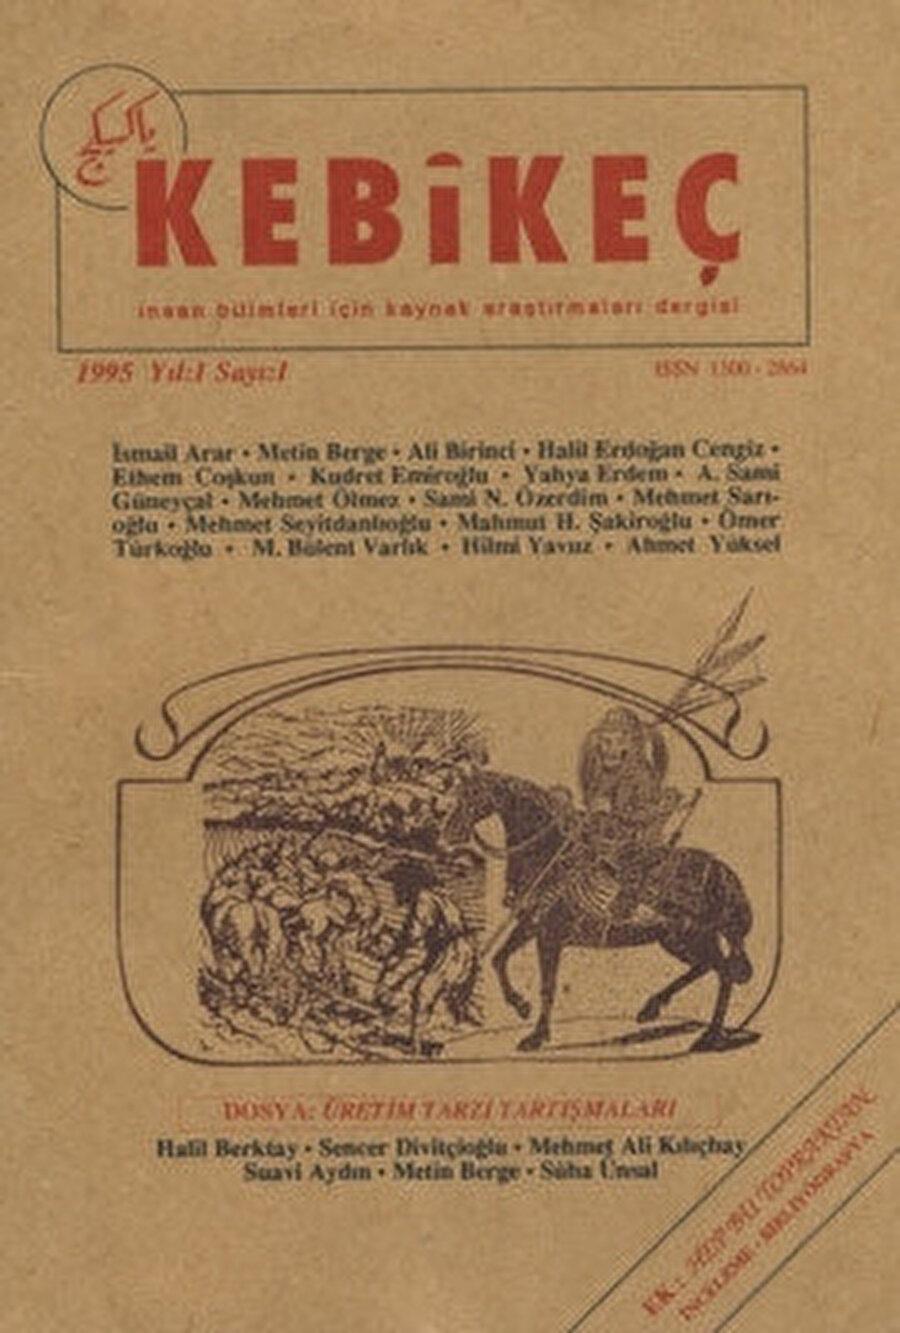 Kebikeç dergisi ilk 14 sayısında tamamen kitabiyat konularını işlerken takip eden sayılarda dosya konuları kitabiyatın dışına kaymış, sosyal bilimlerin diğer alanlarında da yazılar dergiye dâhil edilmiştir.